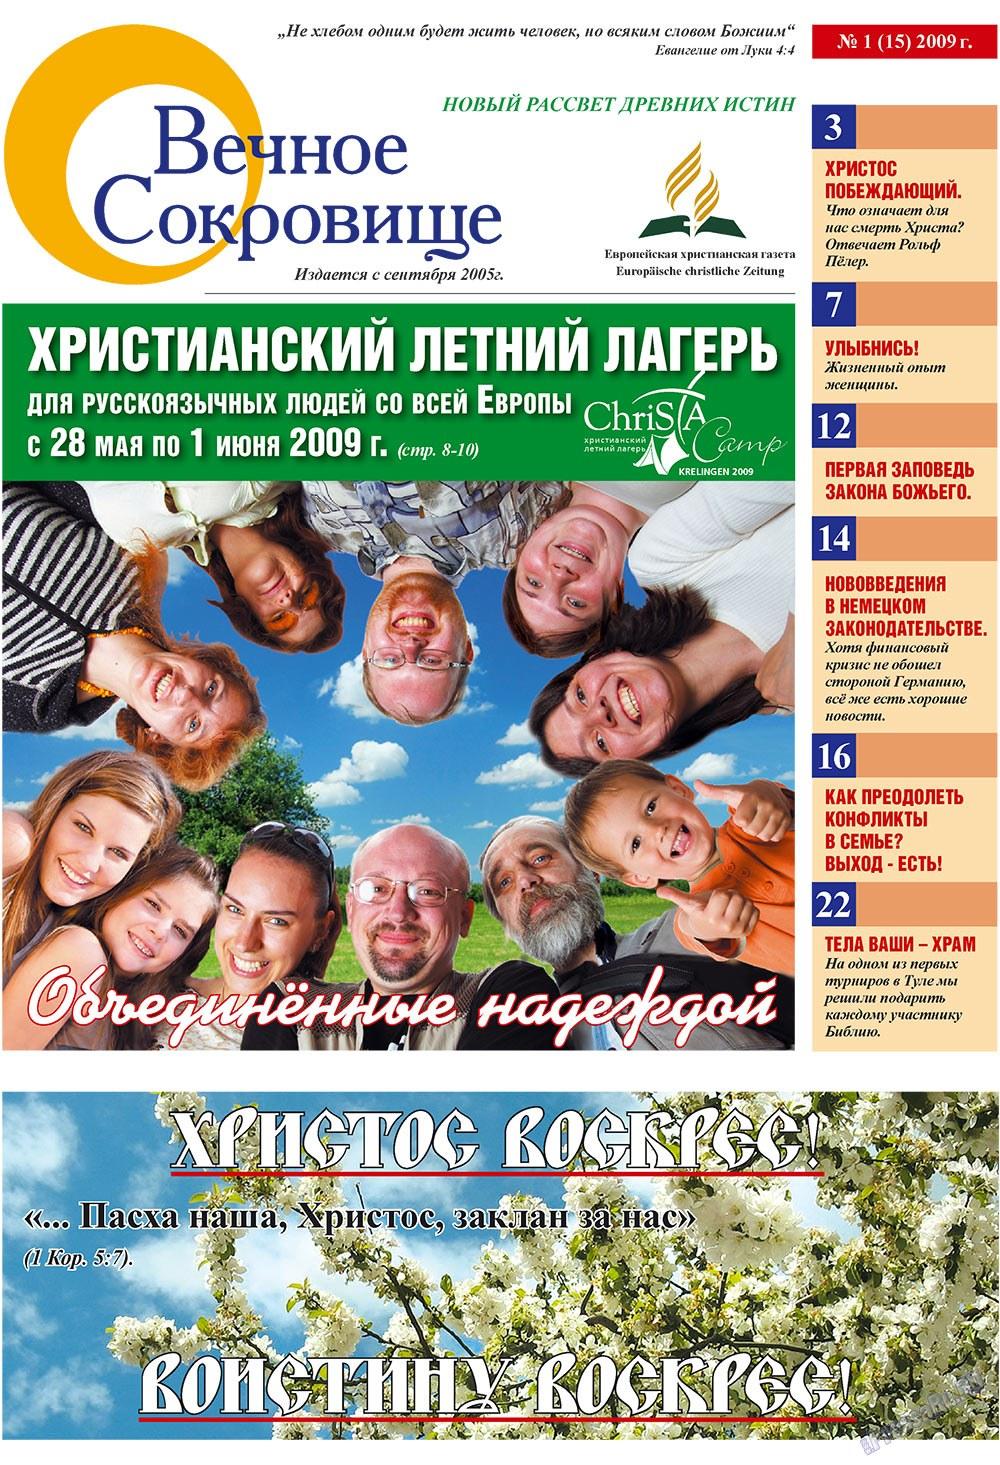 Вечное сокровище (газета). 2009 год, номер 1, стр. 1